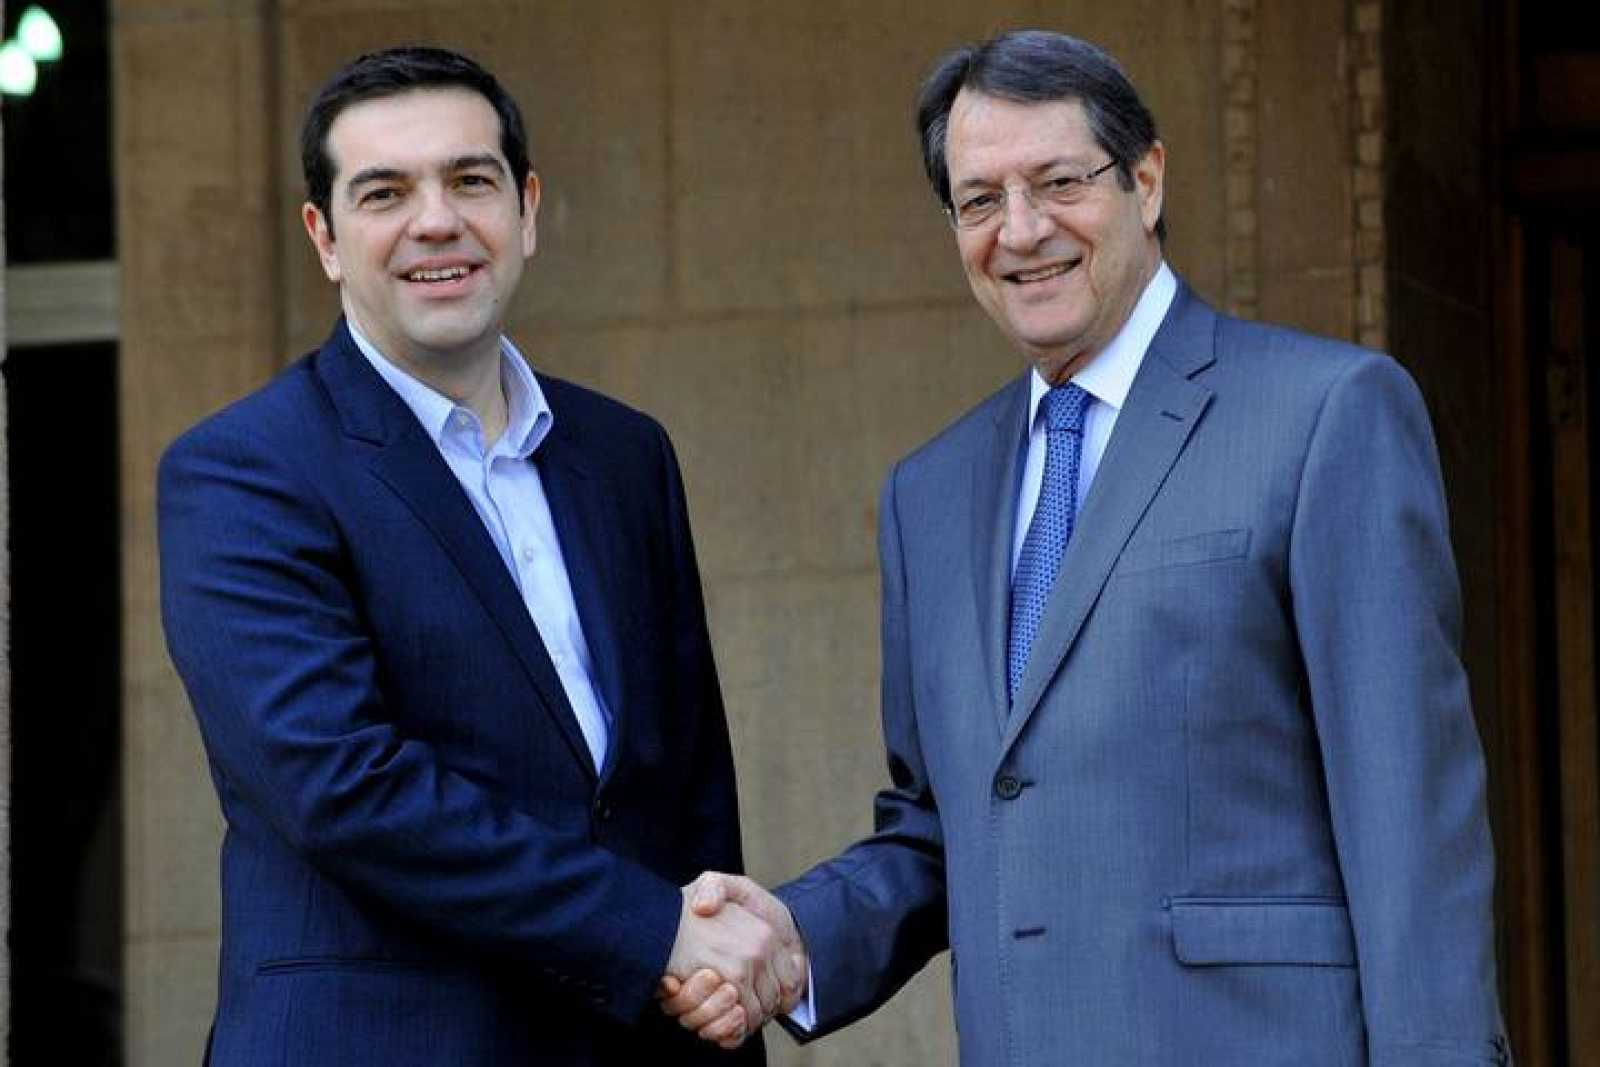 El primer ministro griego, Alexis Tsipras, junto al presidente de Chipre, Nicos Anastasiades